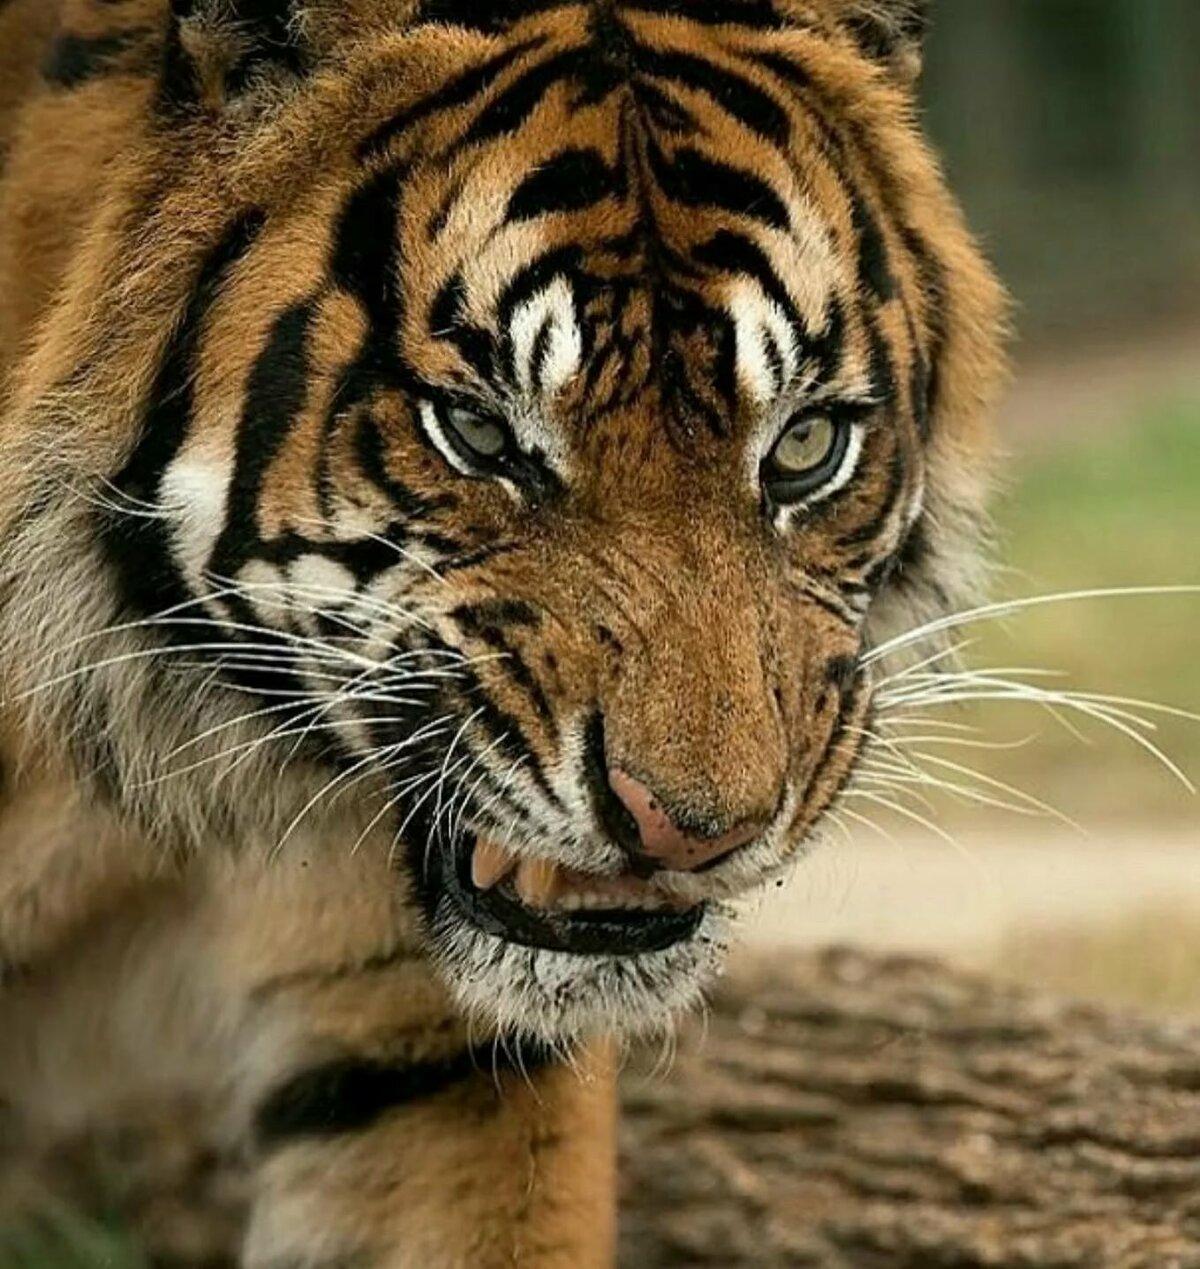 цельвегера картинки тигров рычать вопрос волнует